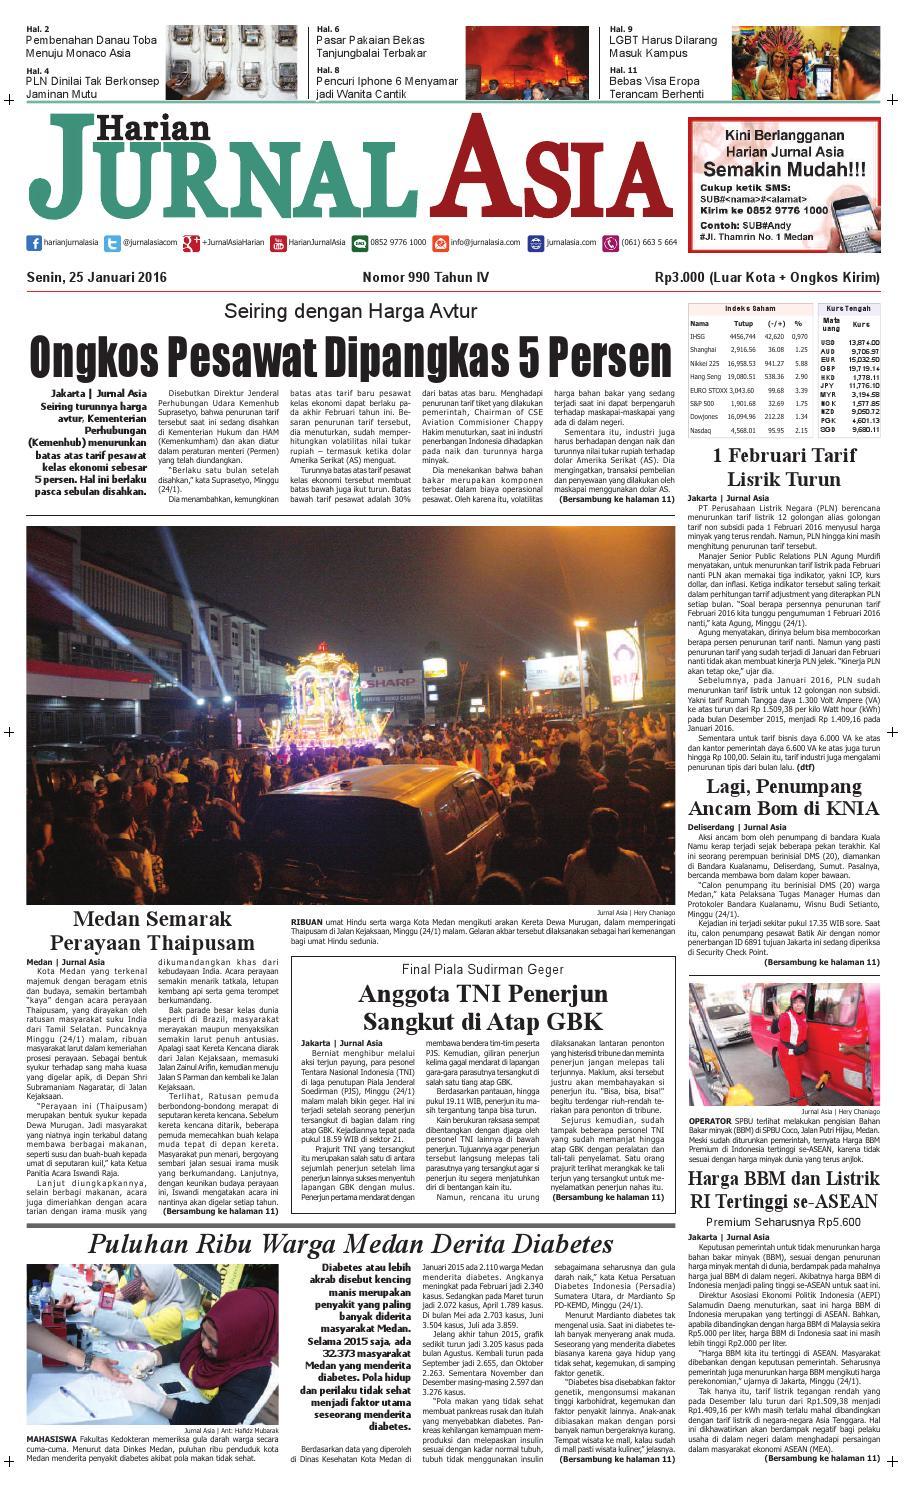 Harian Jurnal Asia Edisi Senin 25 Januari 2016 By Produk Ukm Bumn Segi Empat Leopard Medan Issuu